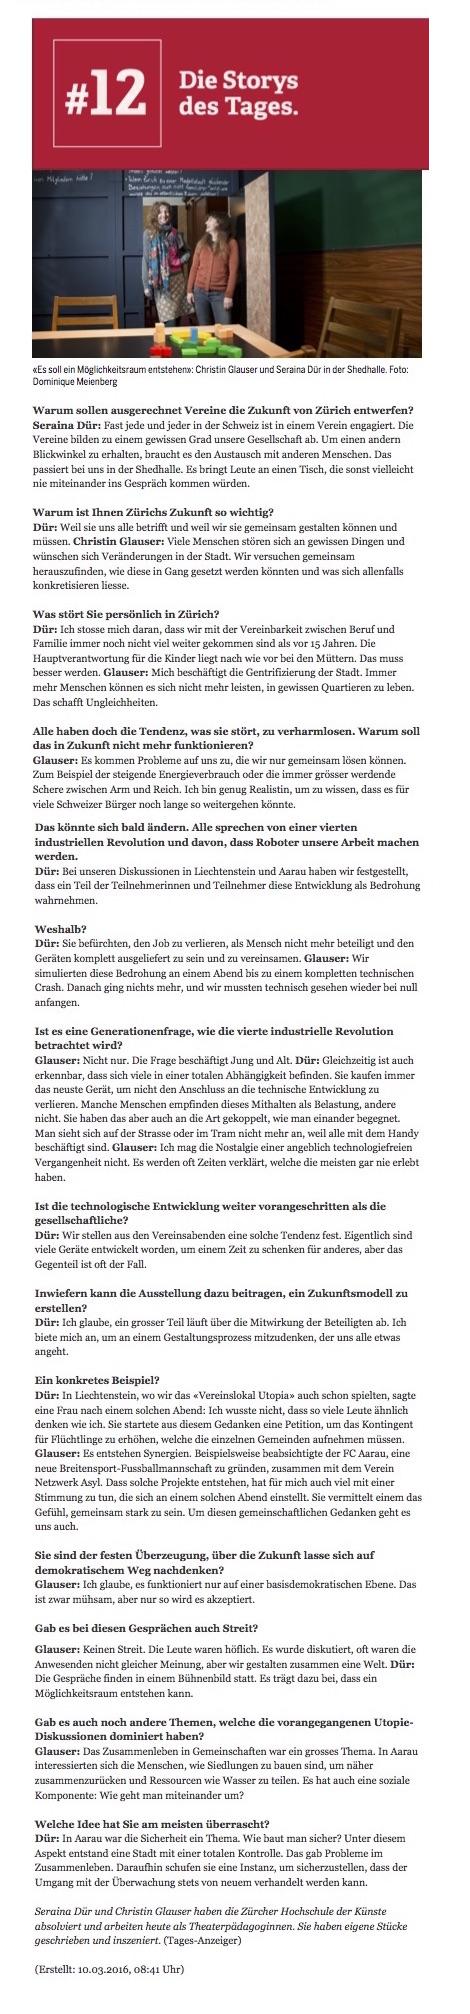 Interview im Tages-Anzeiger mit Christin Glauser und Seraina Dür